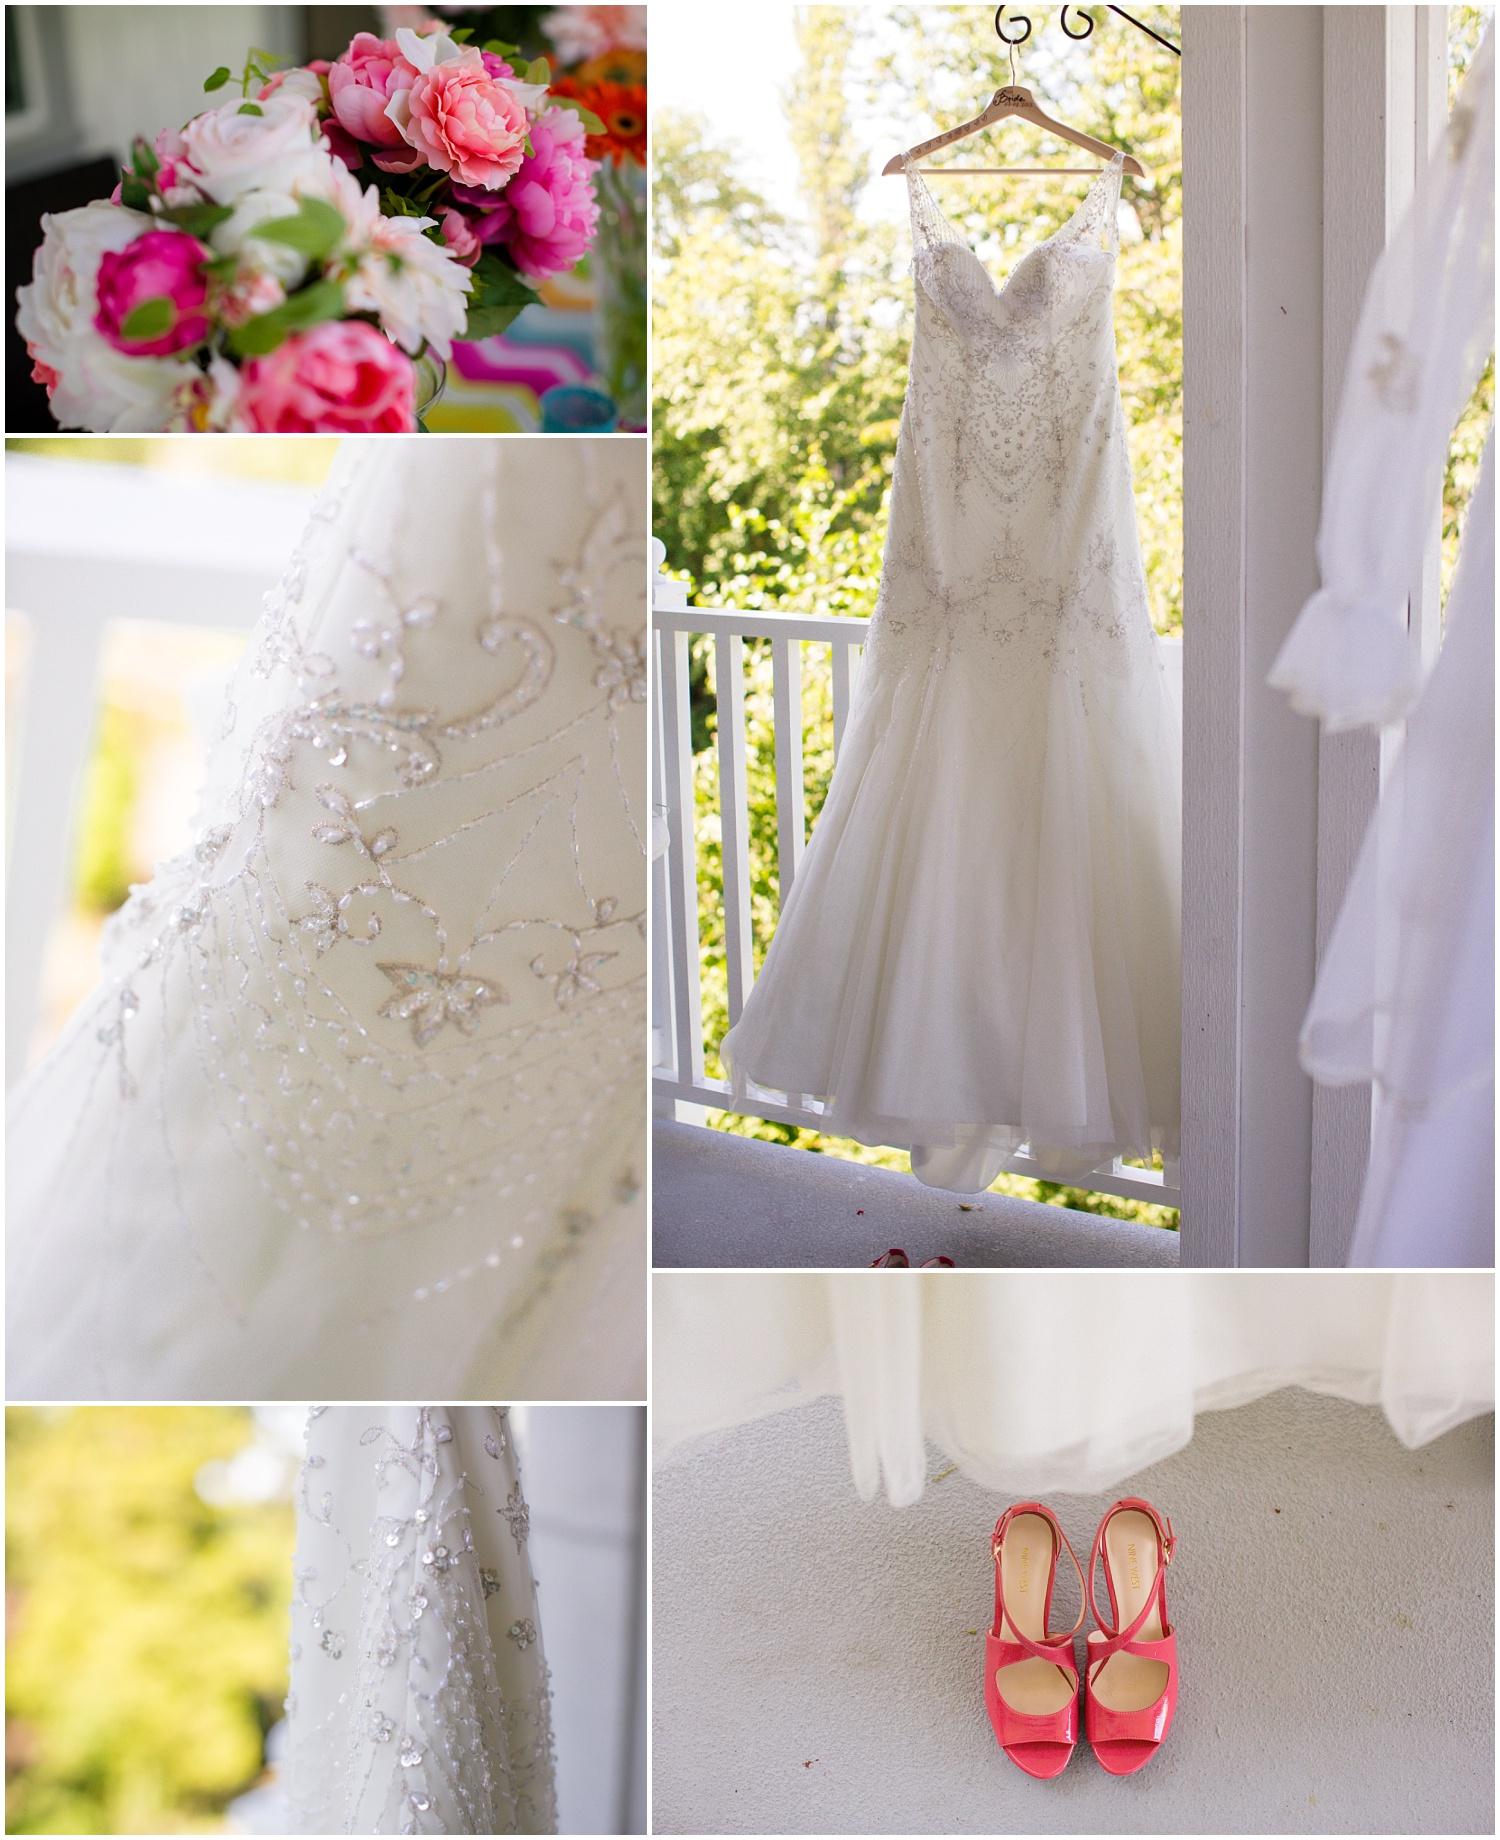 Amazing Day Photography - South Bonson Wedding - Pitt Meadows Wedding - Langley Wedding Photography (1).jpg